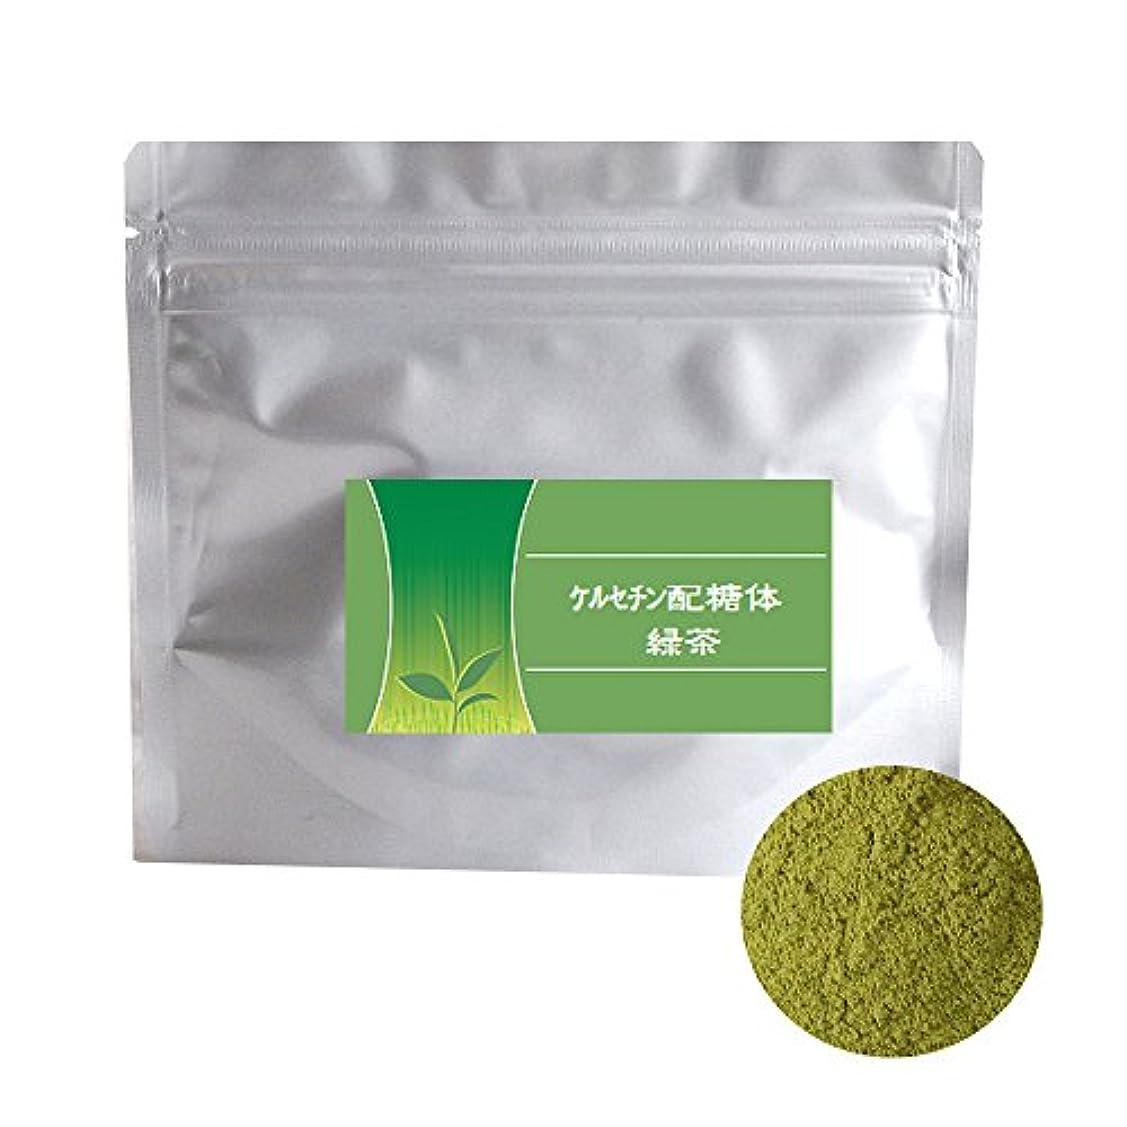 アレルギー性問い合わせウィスキーケルセチン配糖体緑茶 ジップパック50g(z) 粉末 パウダー インスタント 緑茶